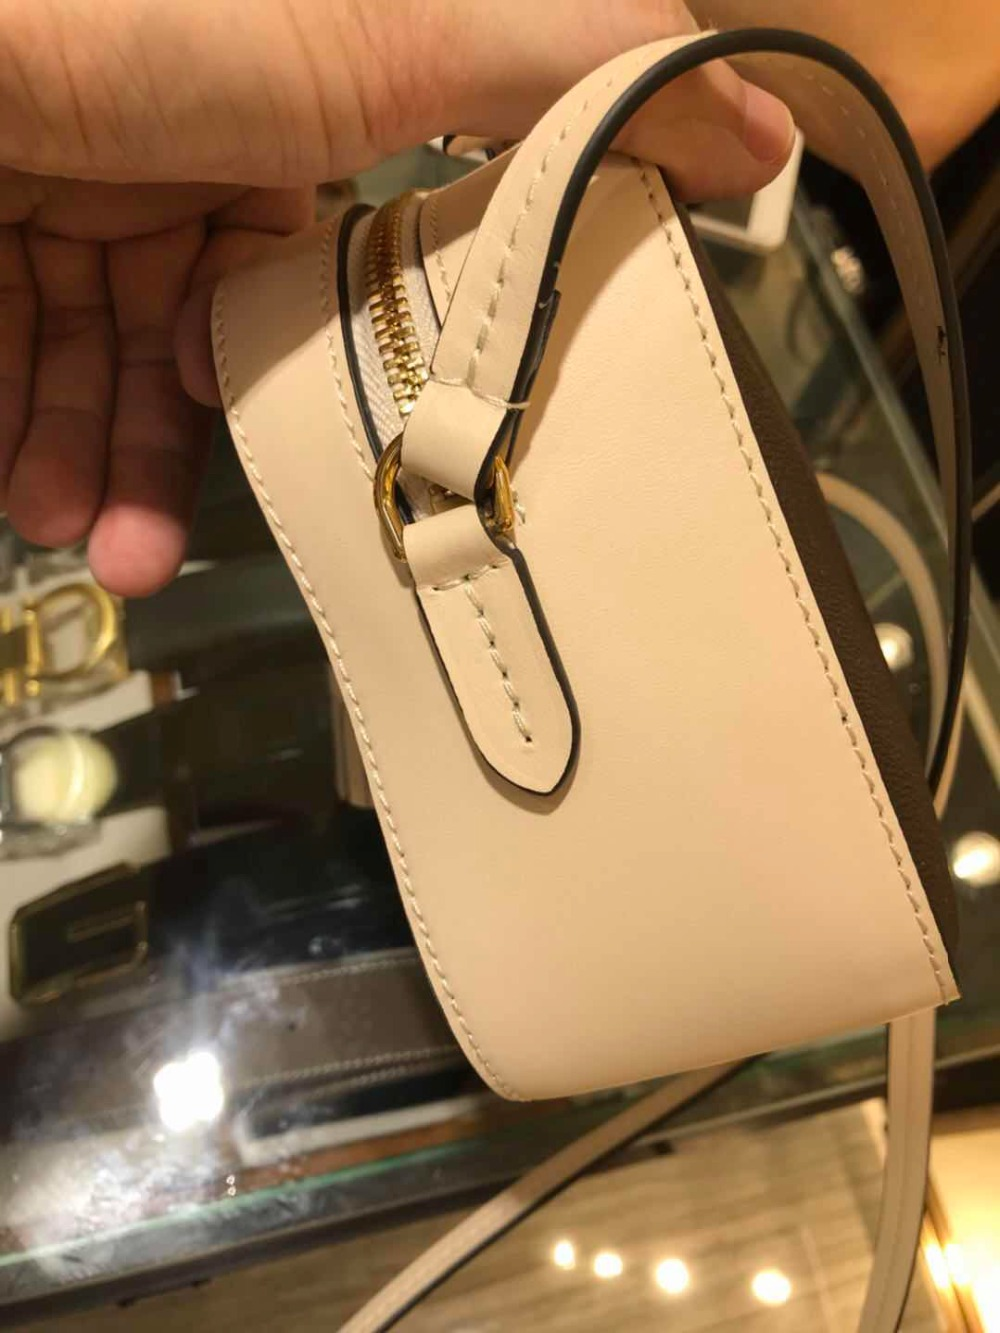 Marque Classique Qualité Cuir Véritable Piste De Sac Top Designer Femme Mode À 100 Main Wa01119 Sacs Femmes Luxe Célèbre wqg1fXWpWn